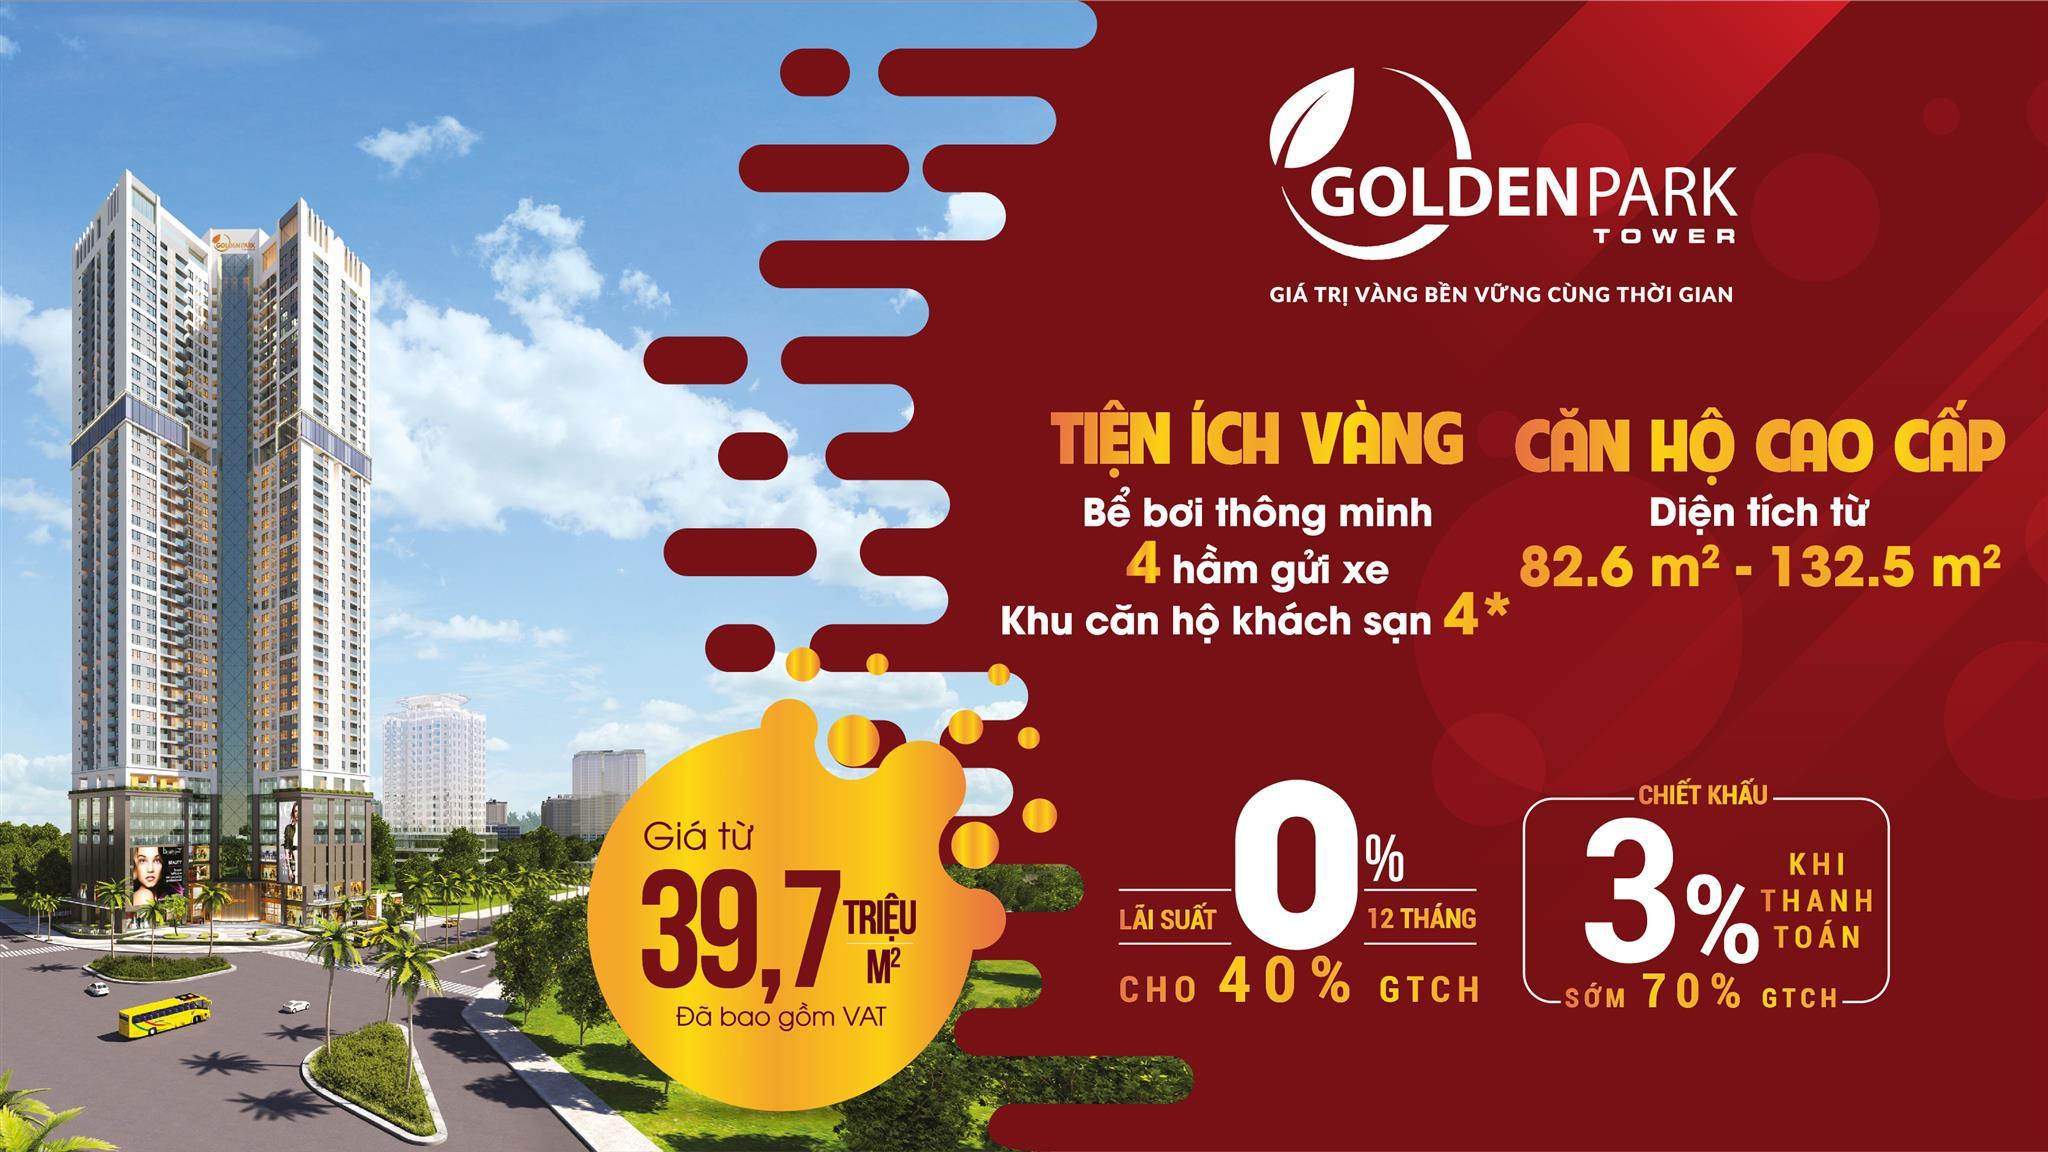 chính sách bán hàng Dự án Golden Park Tower